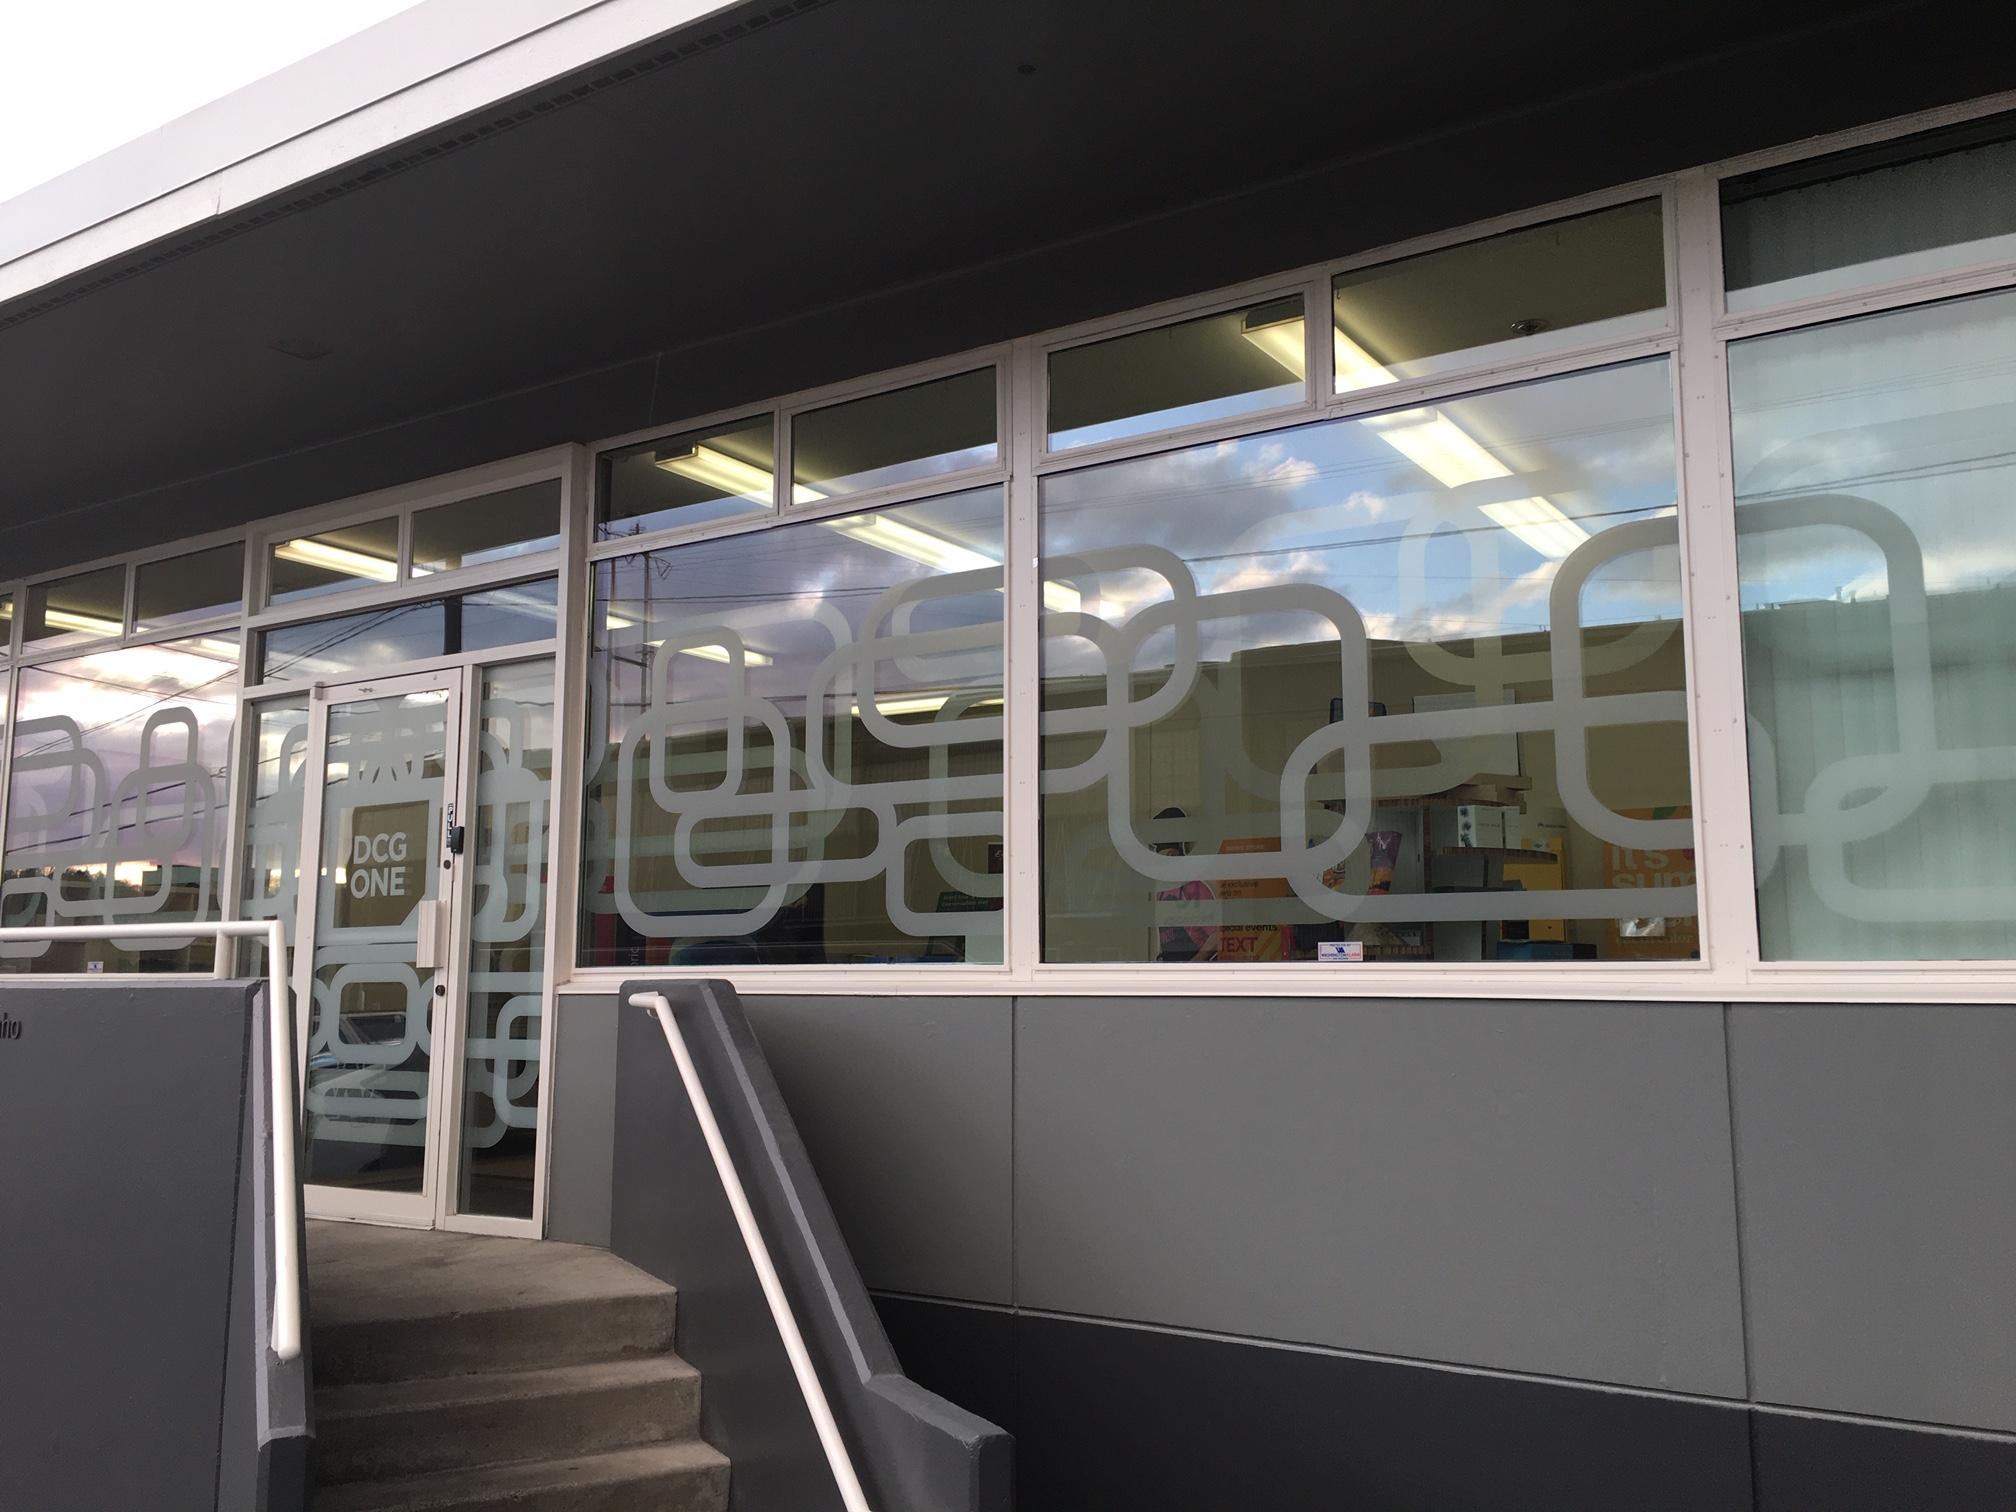 DCG ONE window graphics